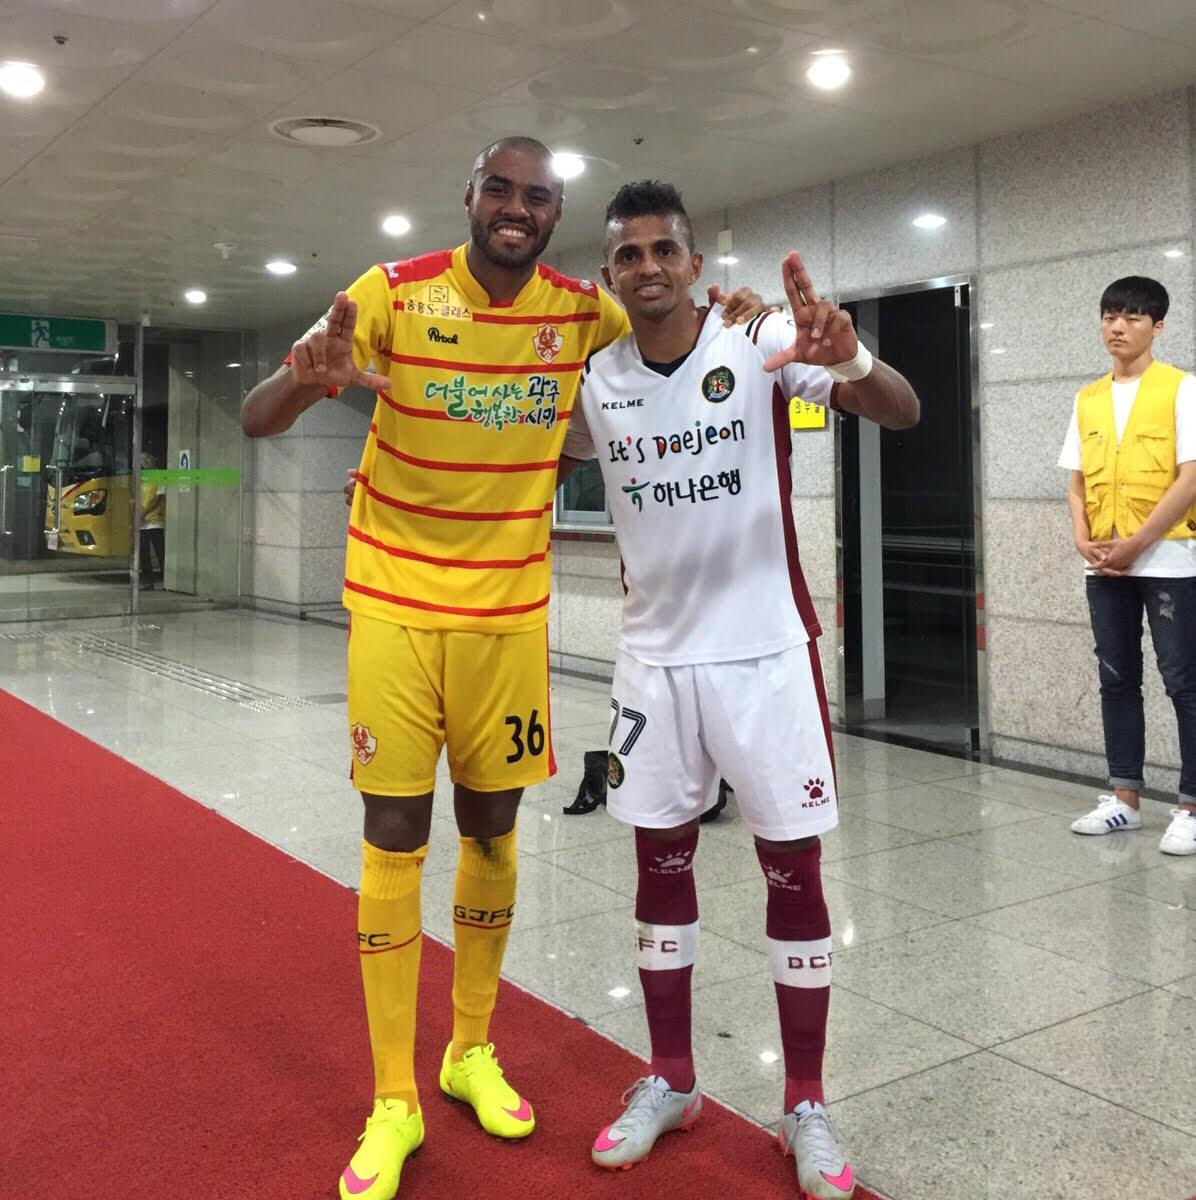 Cassiano e Wanderson duelaram na J-League, o campeonato nacional da Coreia do Sul (Foto: arquivo pessoal)